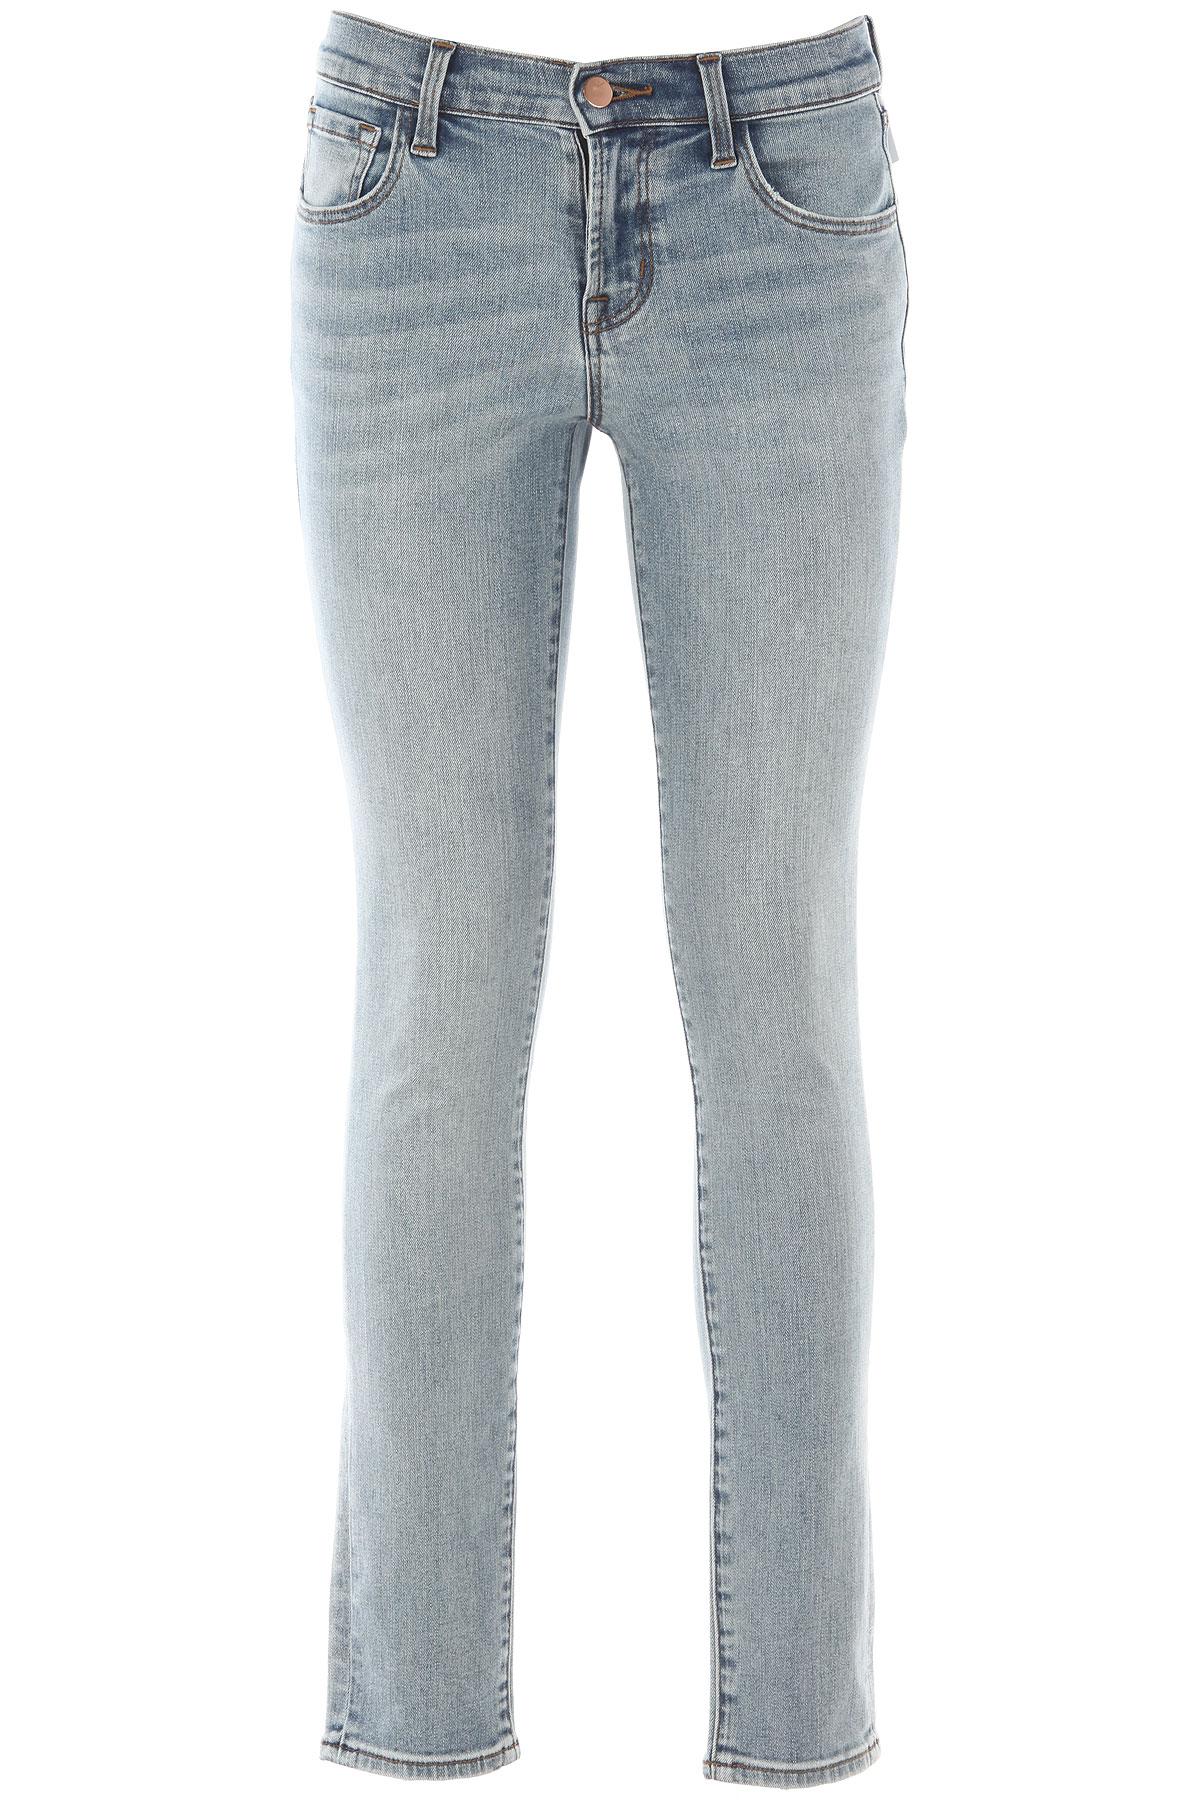 J Brand Jeans Džíny Ve výprodeji 99cdecf39b